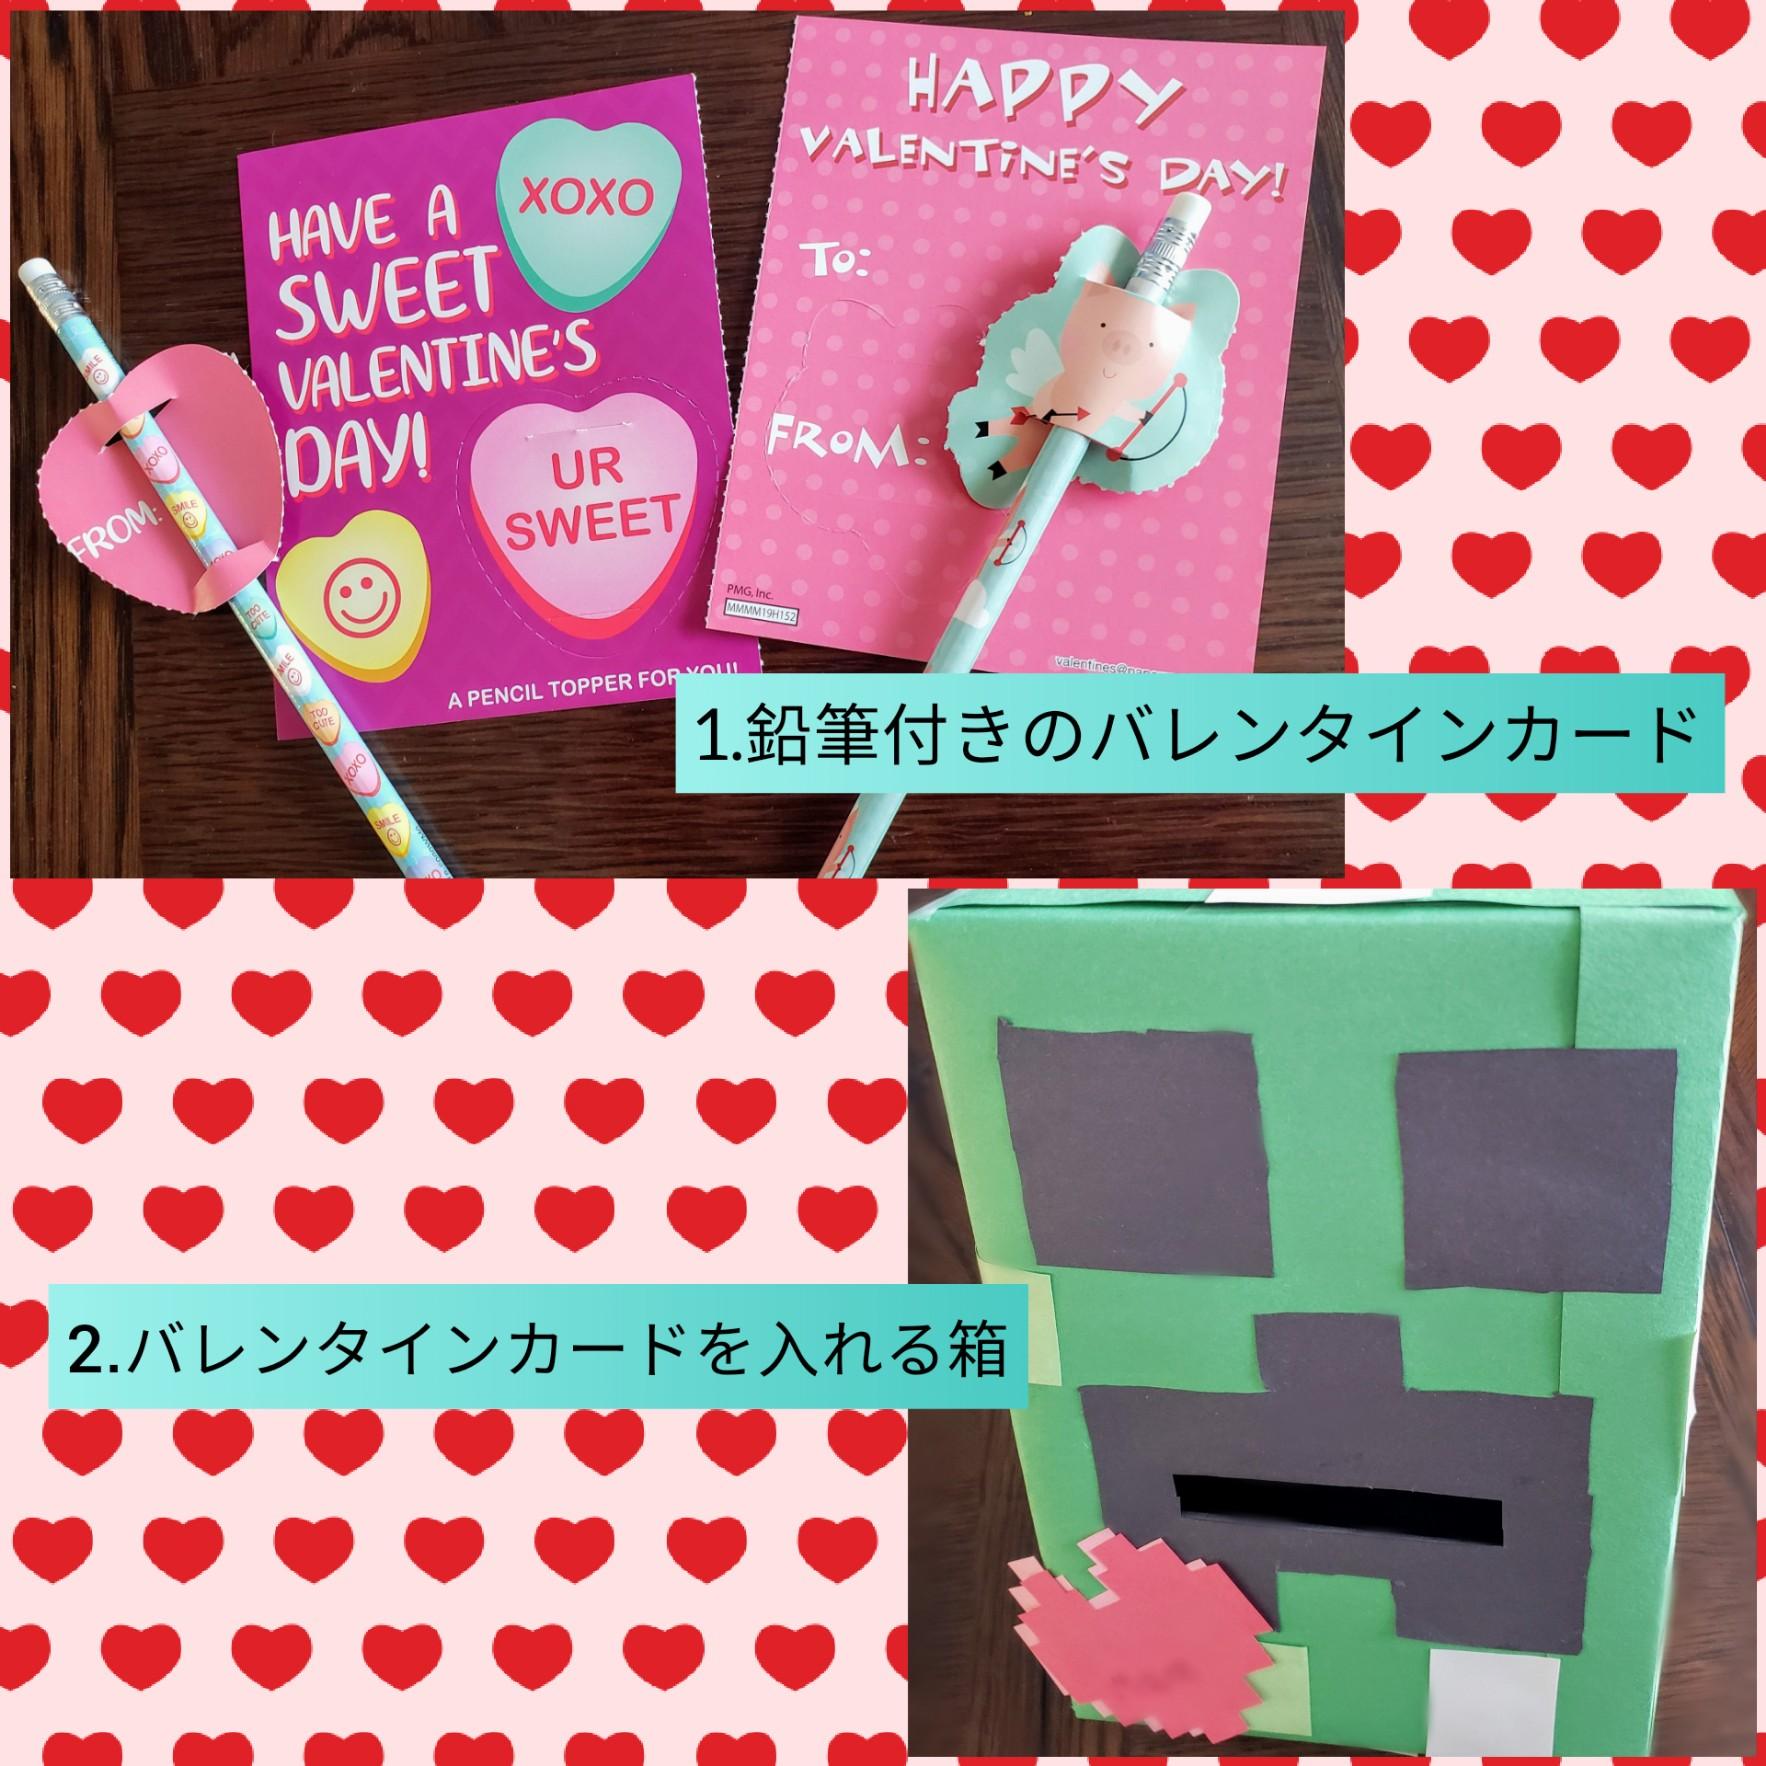 アメリカのバレンタイン事情:息子の幼稚園はどんなもの?~日本と異なる点と共通点~